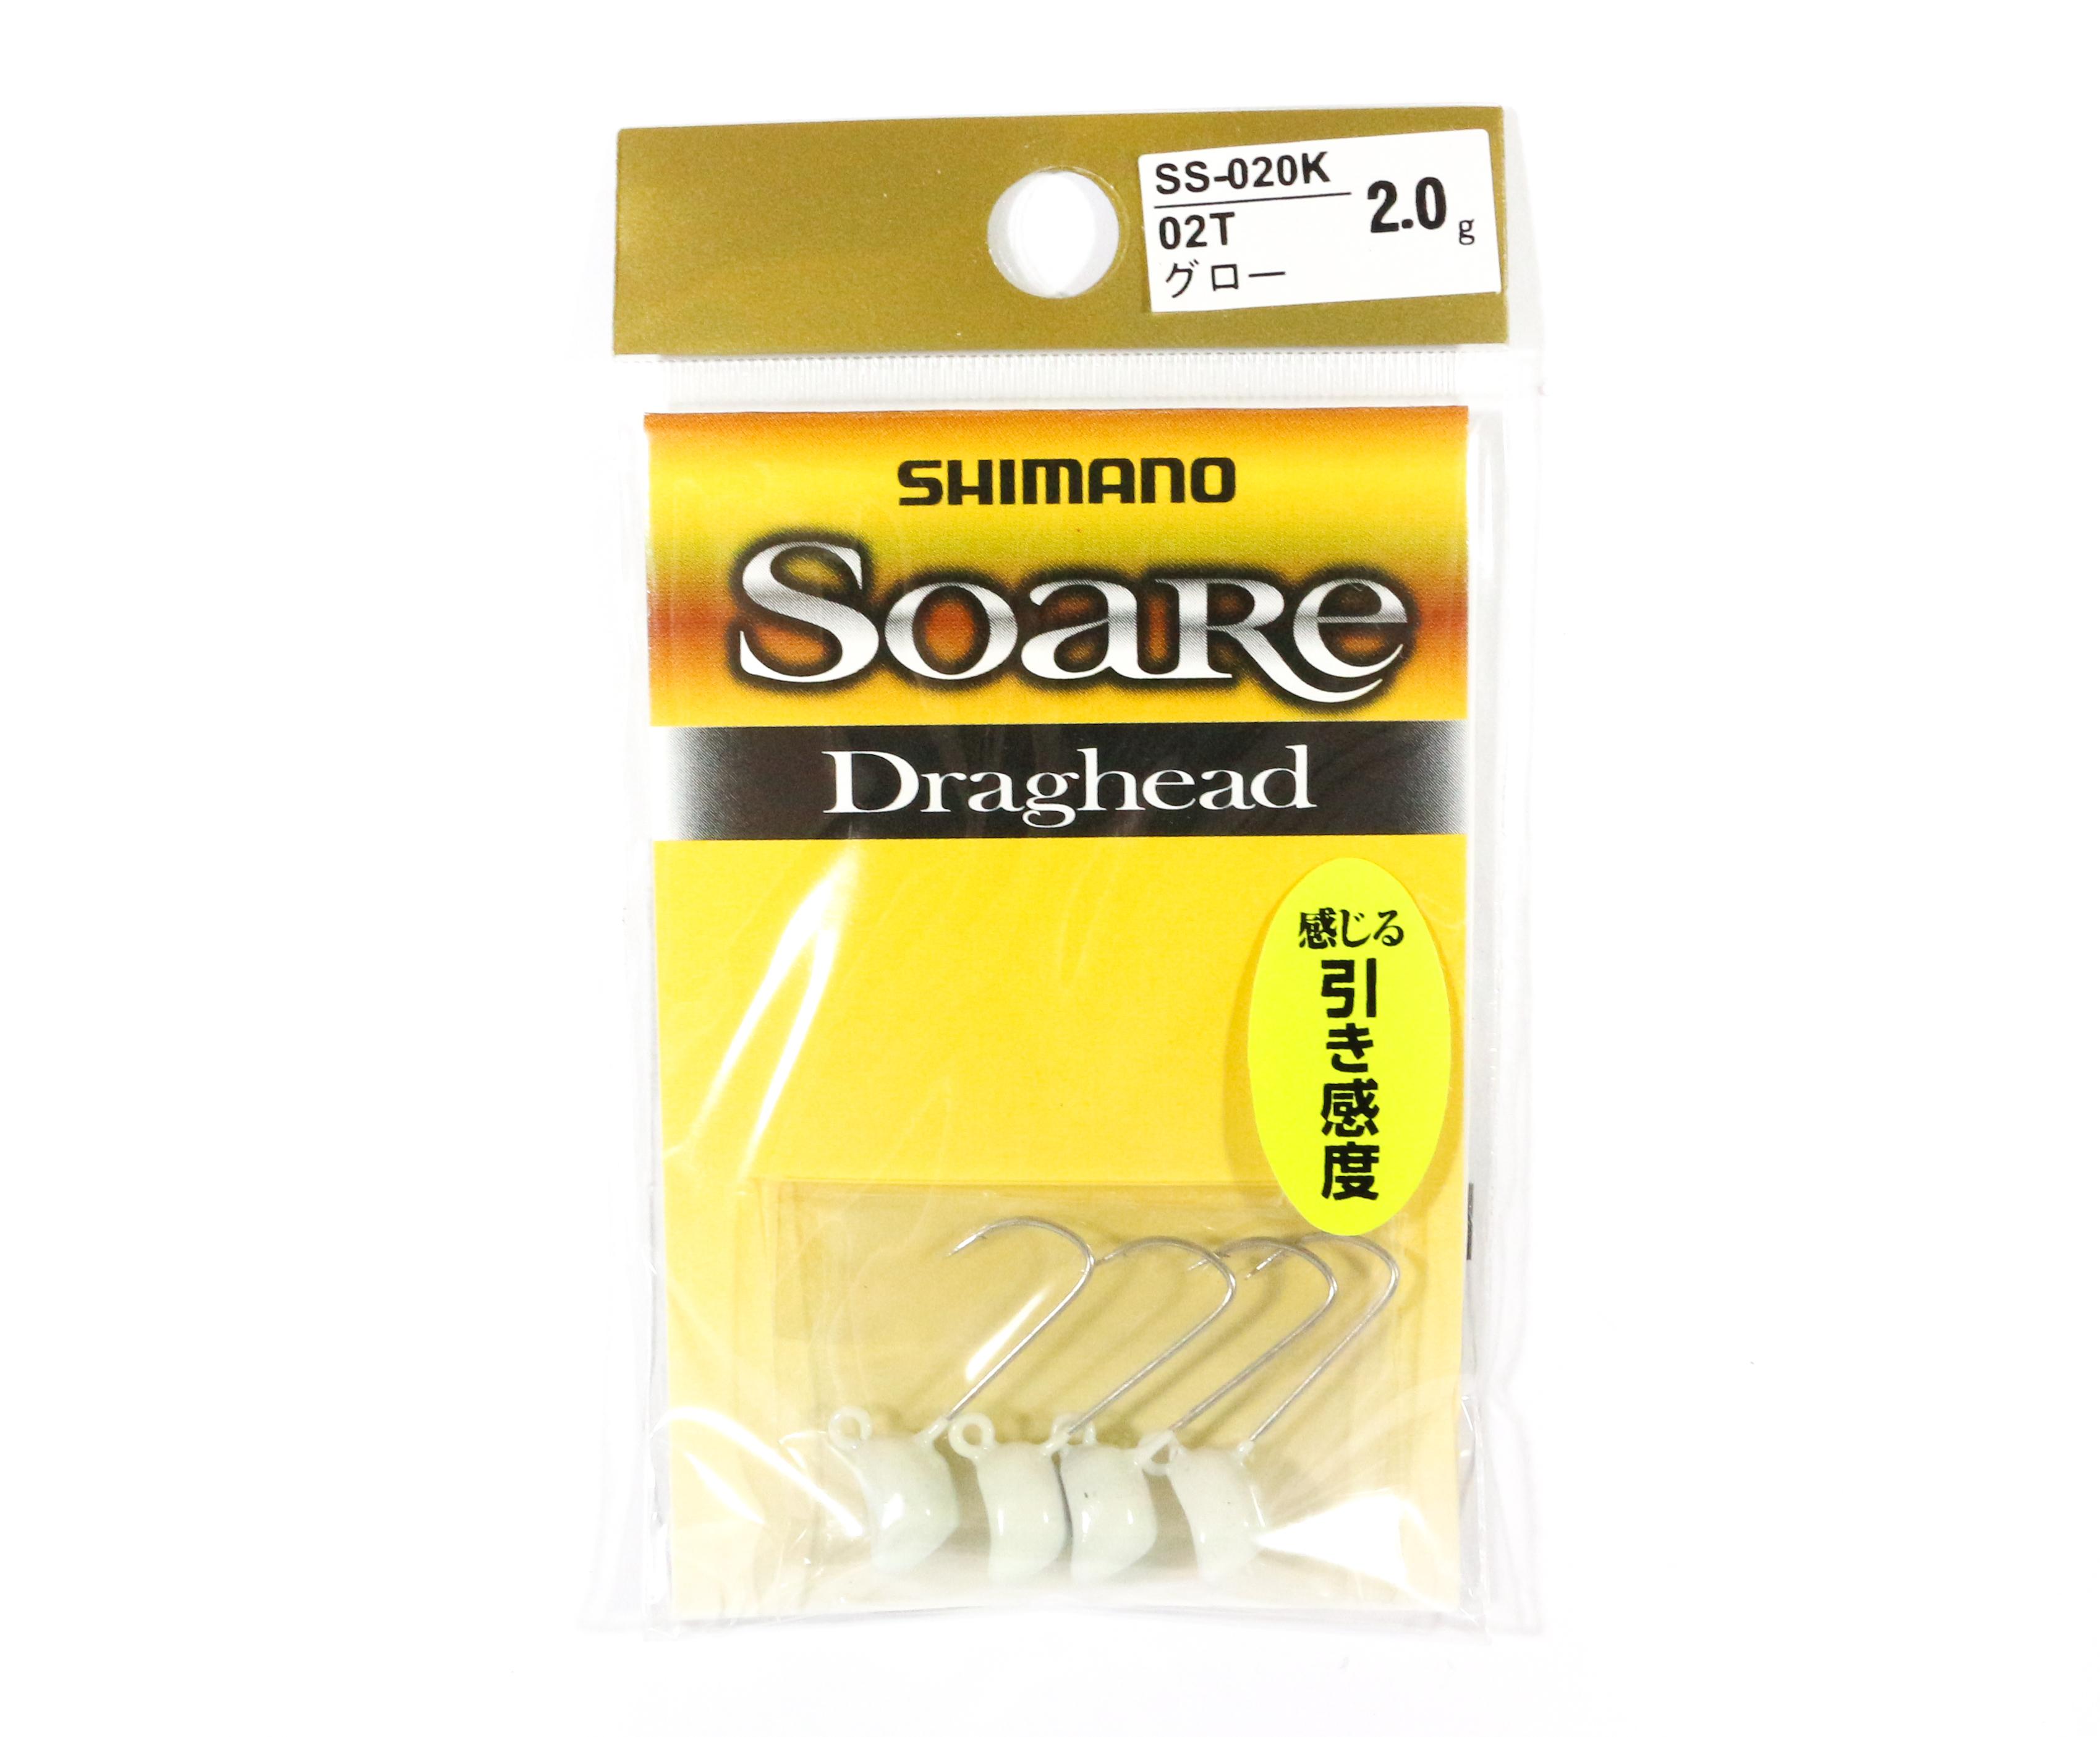 Shimano SS-020K Jig Head Soare Drag Head Glow 2.0 grams 02T 762955